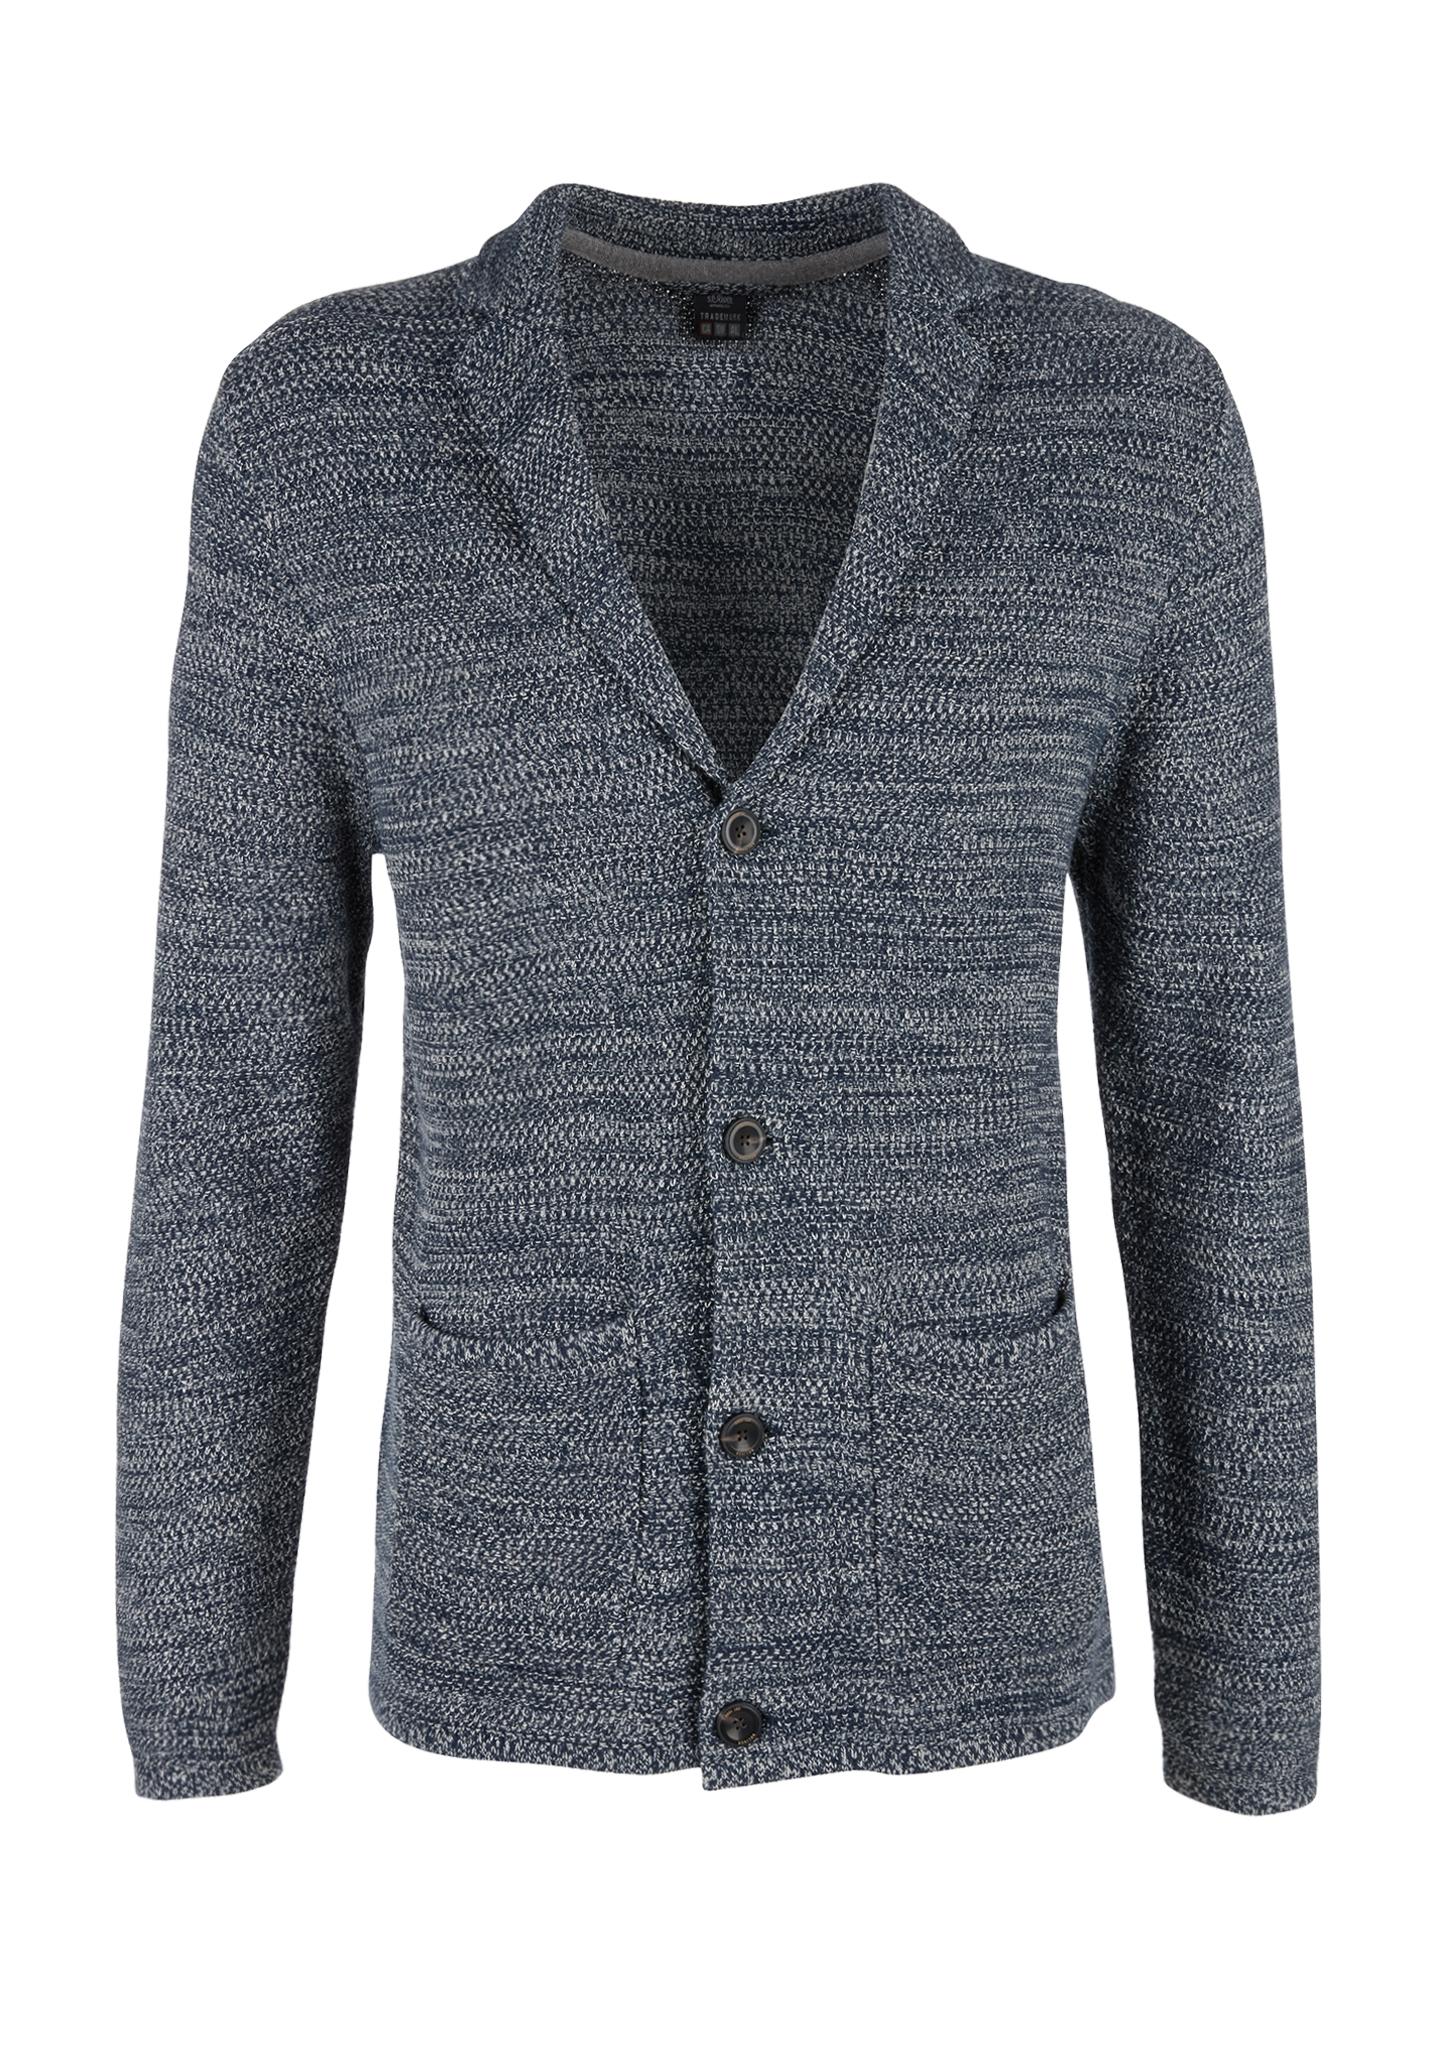 Strickjacke | Bekleidung > Strickjacken & Cardigans > Strickjacken | Blau | 100% baumwolle | s.Oliver